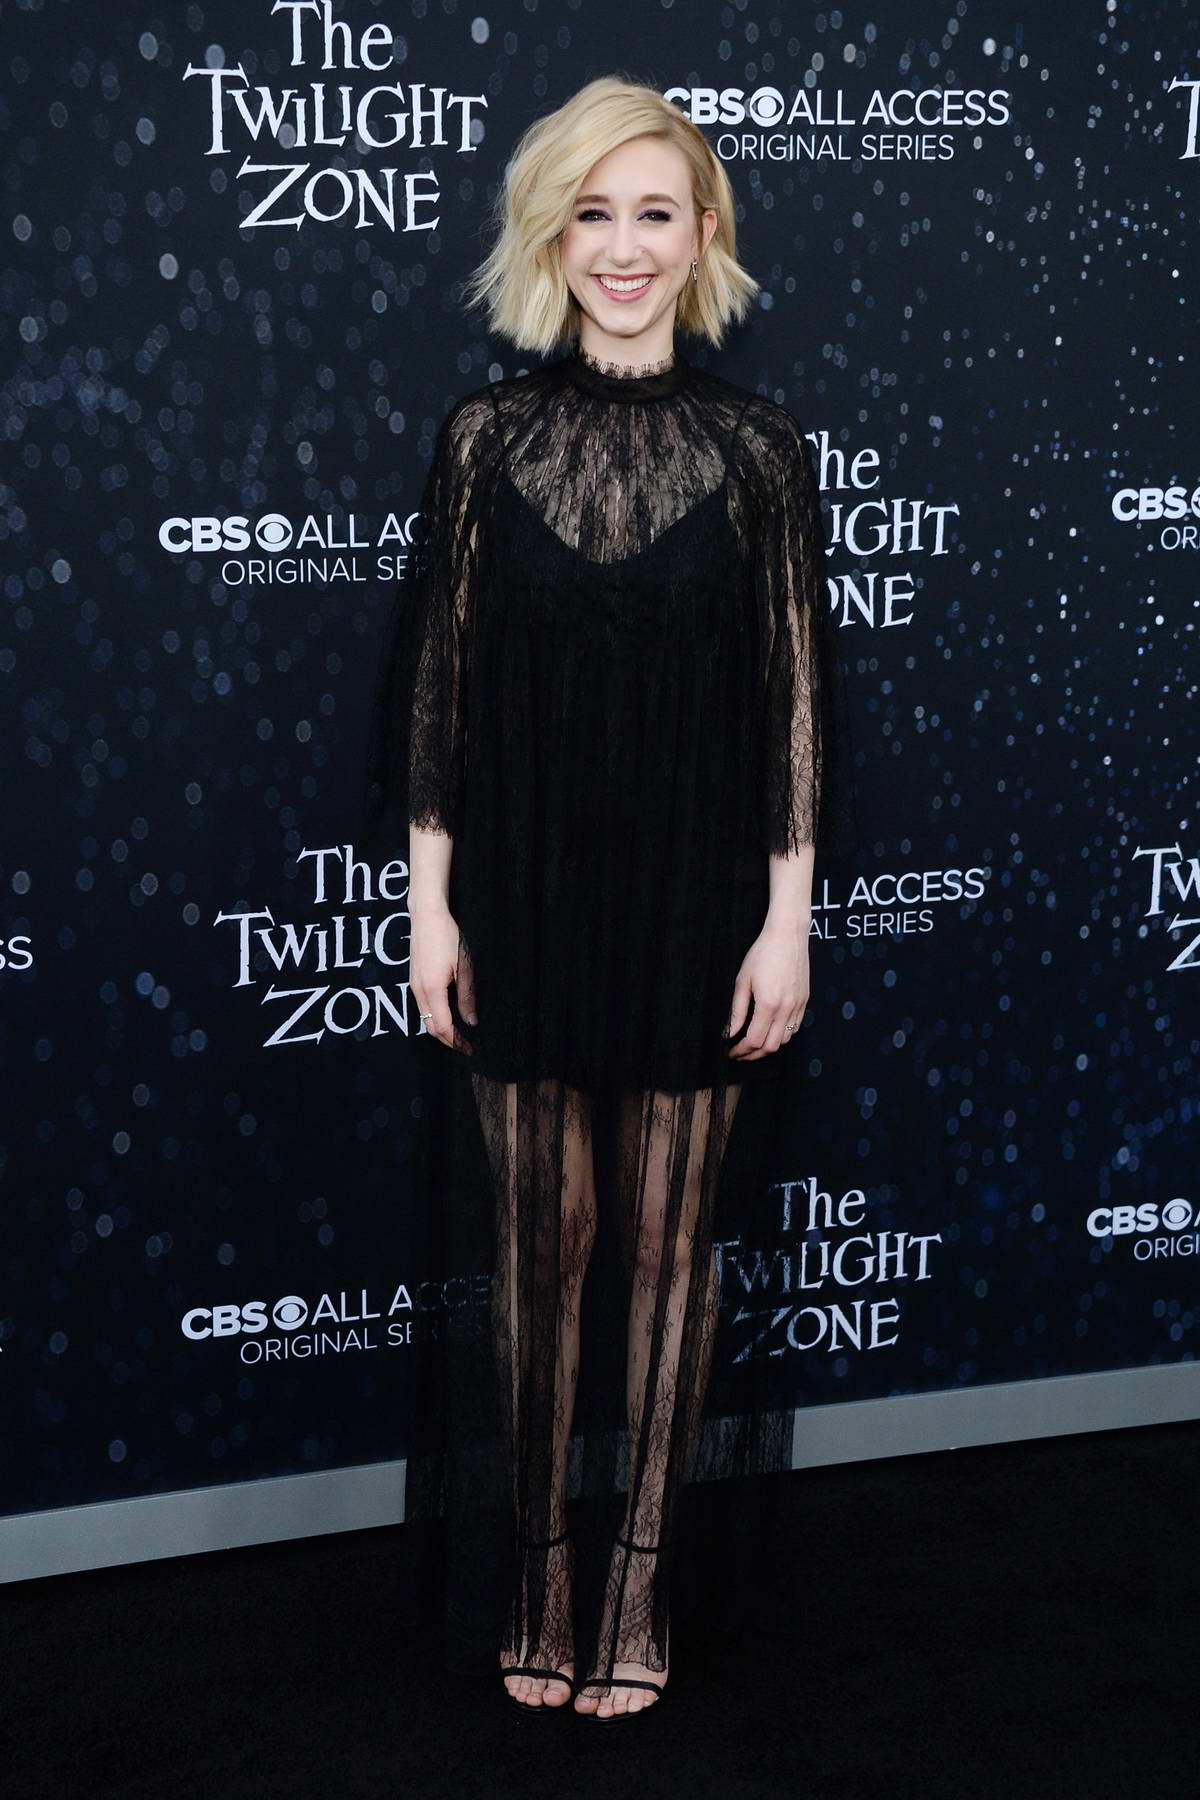 Taissa Farmiga attends 'The Twilight Zone' TV show premiere in Los Angeles